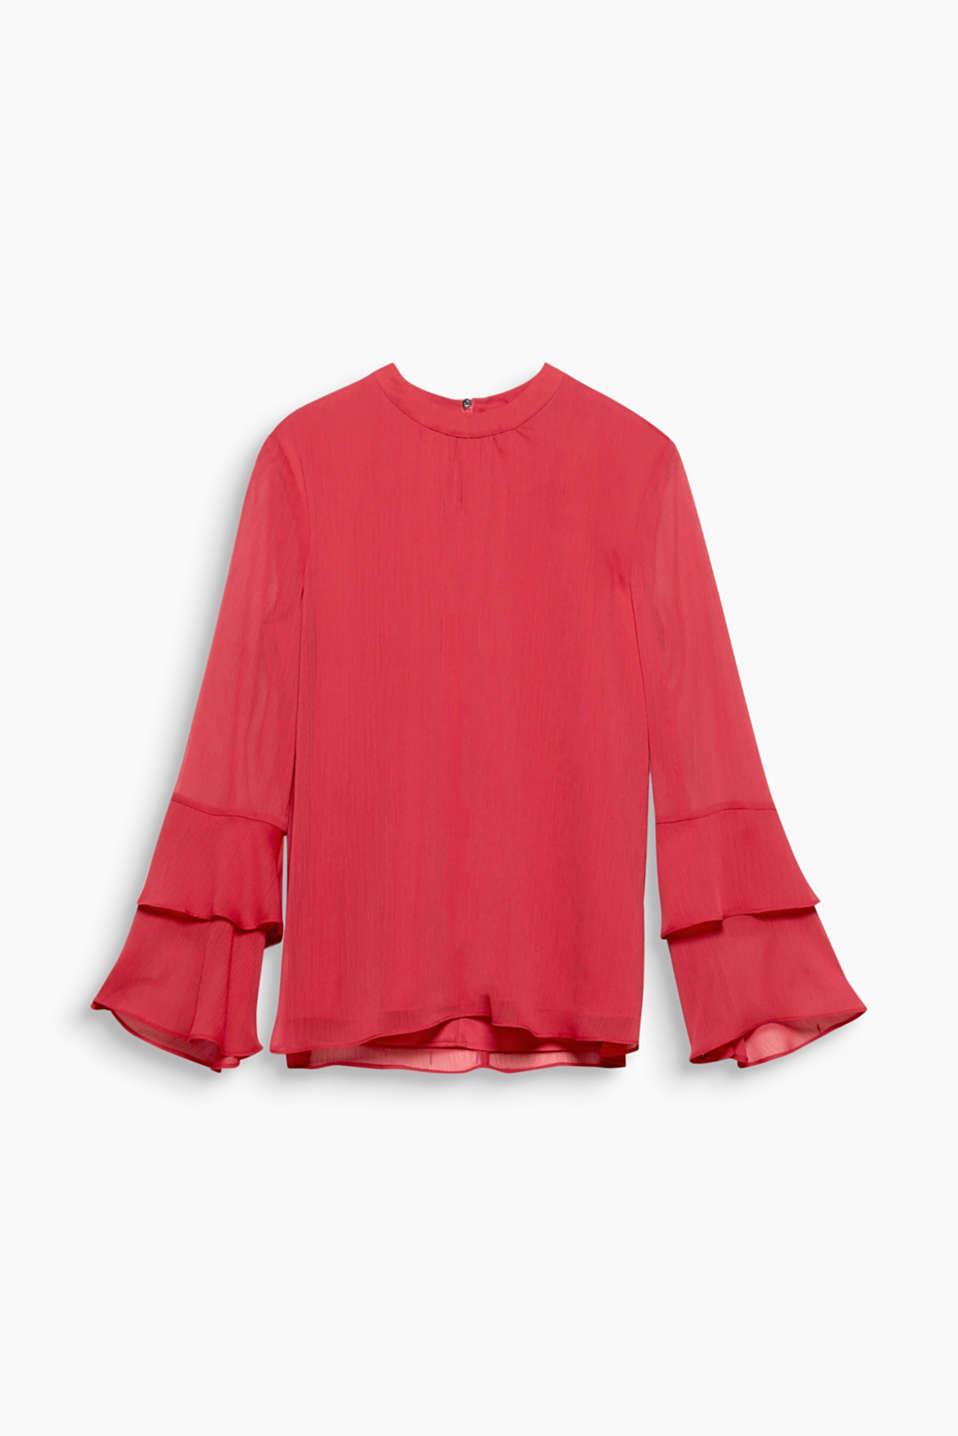 Tolle Farbe, zarter Crinkle-Chiffon, verspielte Volantärmel: Diese Bluse bietet einfach alles, was dein Herz begehrt!